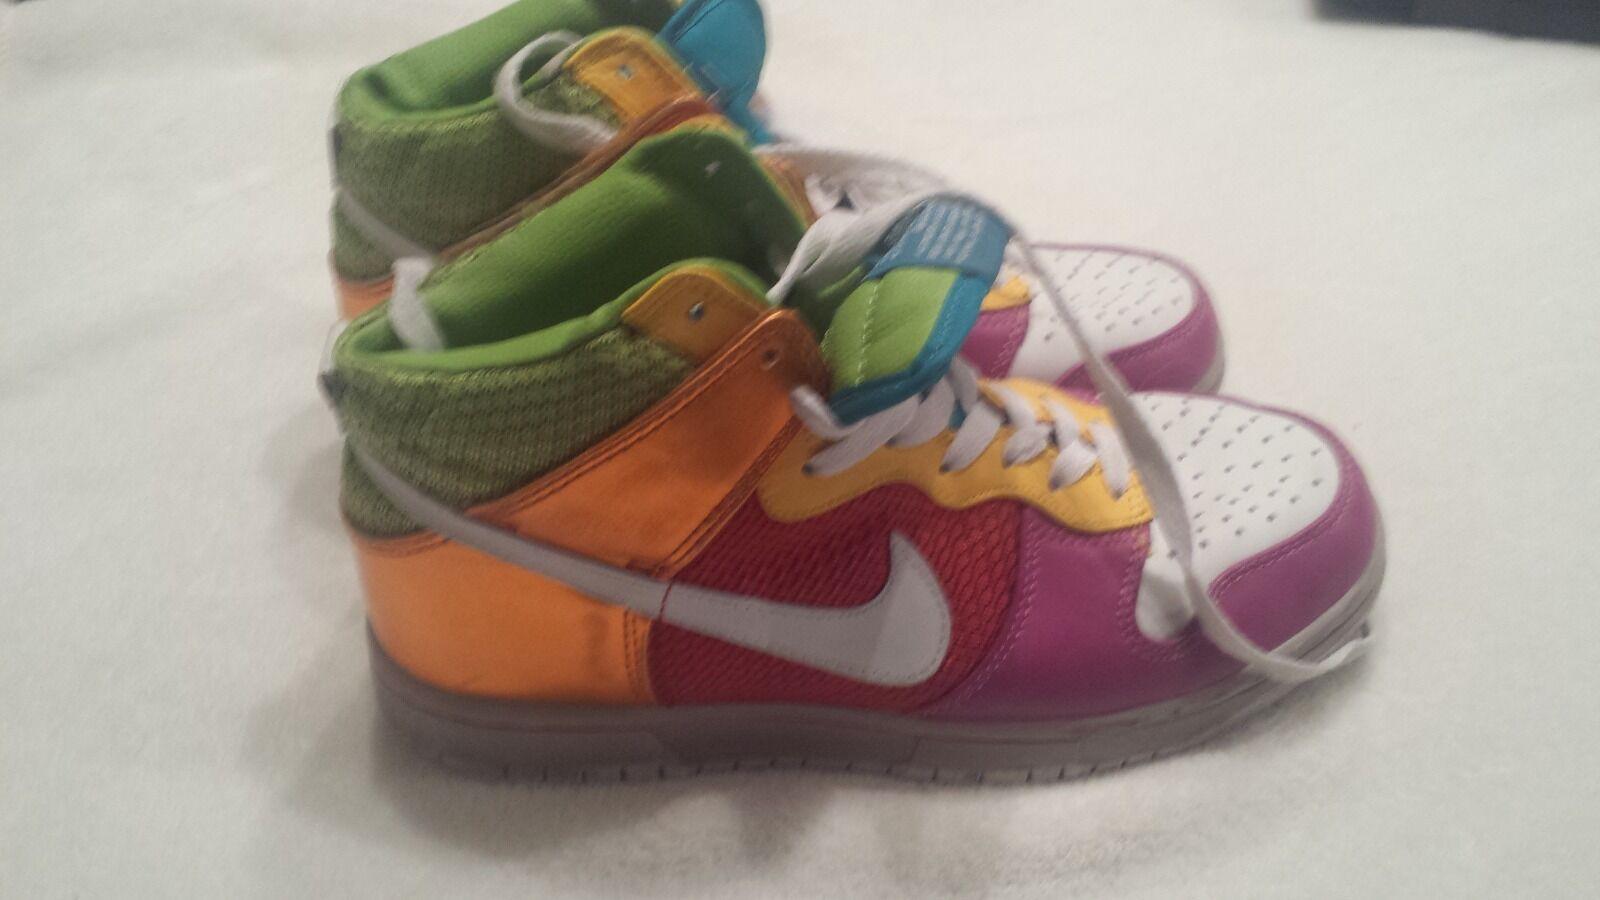 Nike zoom, rosa, arancio, dimensioni 6.5m | Aspetto piacevole  | | | Conosciuto per la sua bellissima qualità  a4e62a